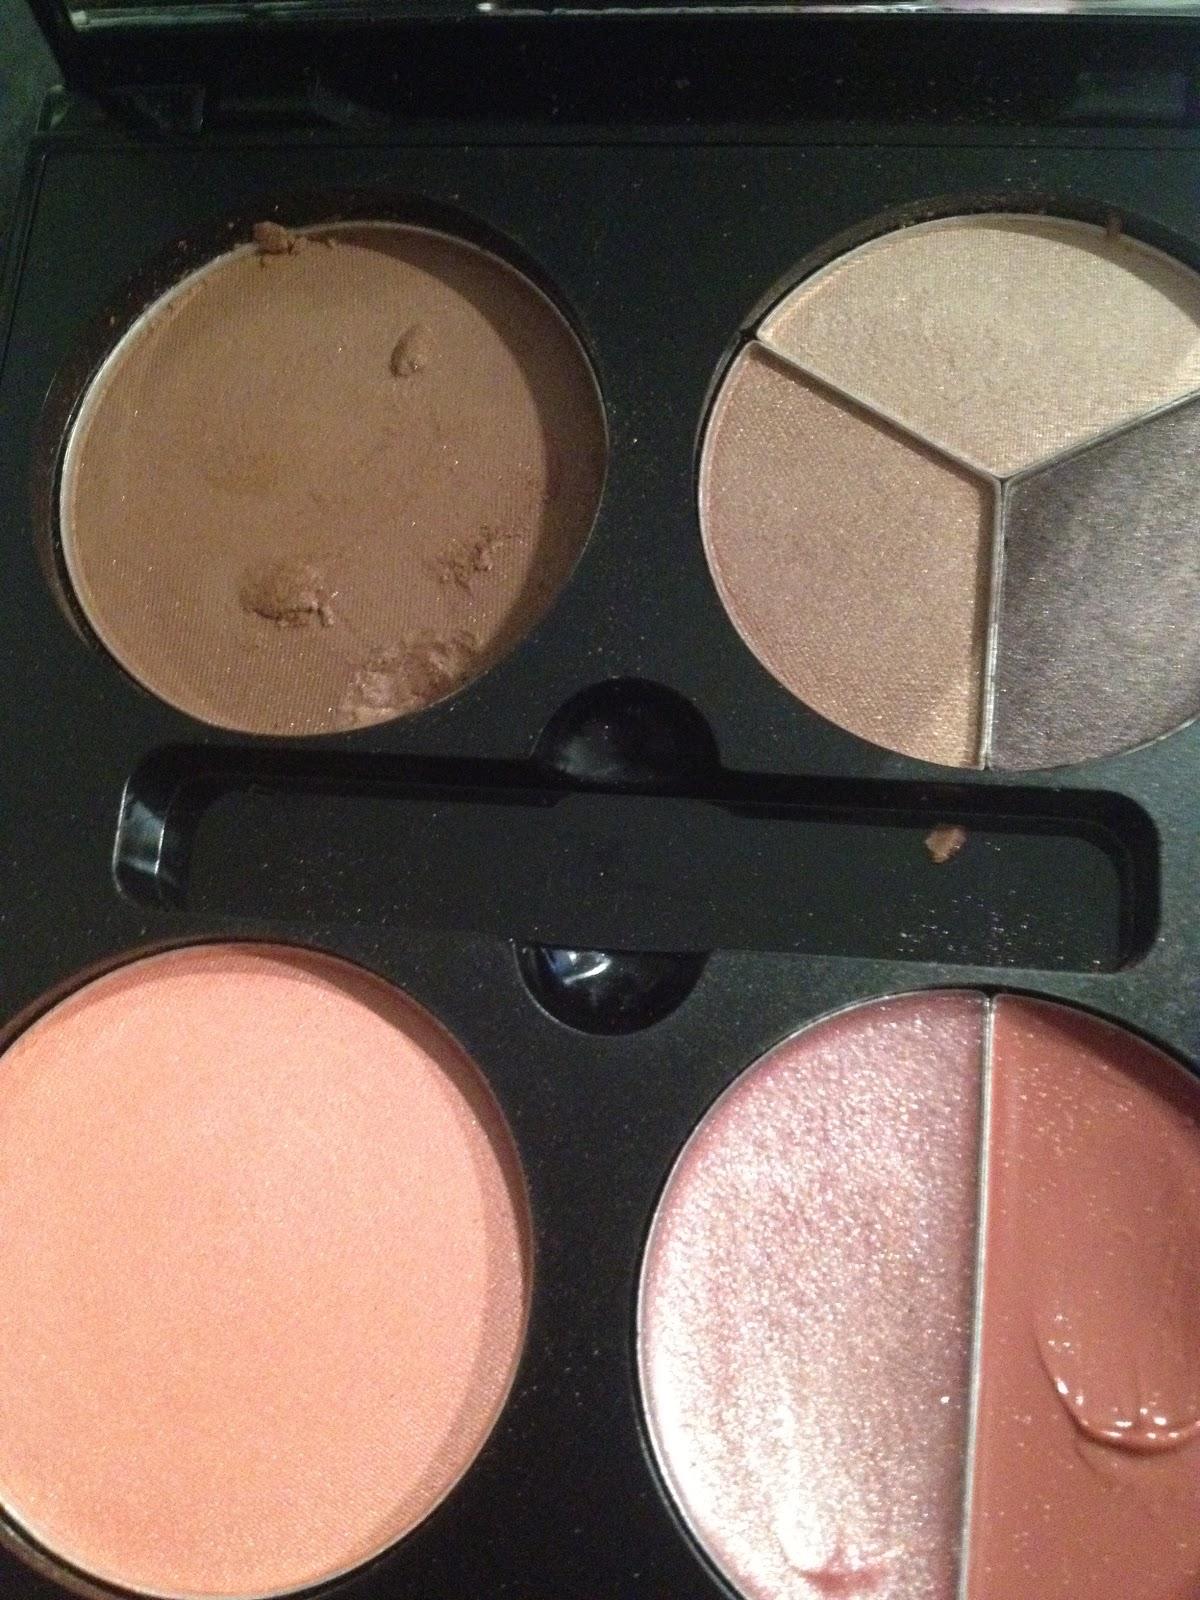 Makeover Essentials Makeup Reviews: Monochrome And Lace: Makeup Tutorial: Makeover Essentials